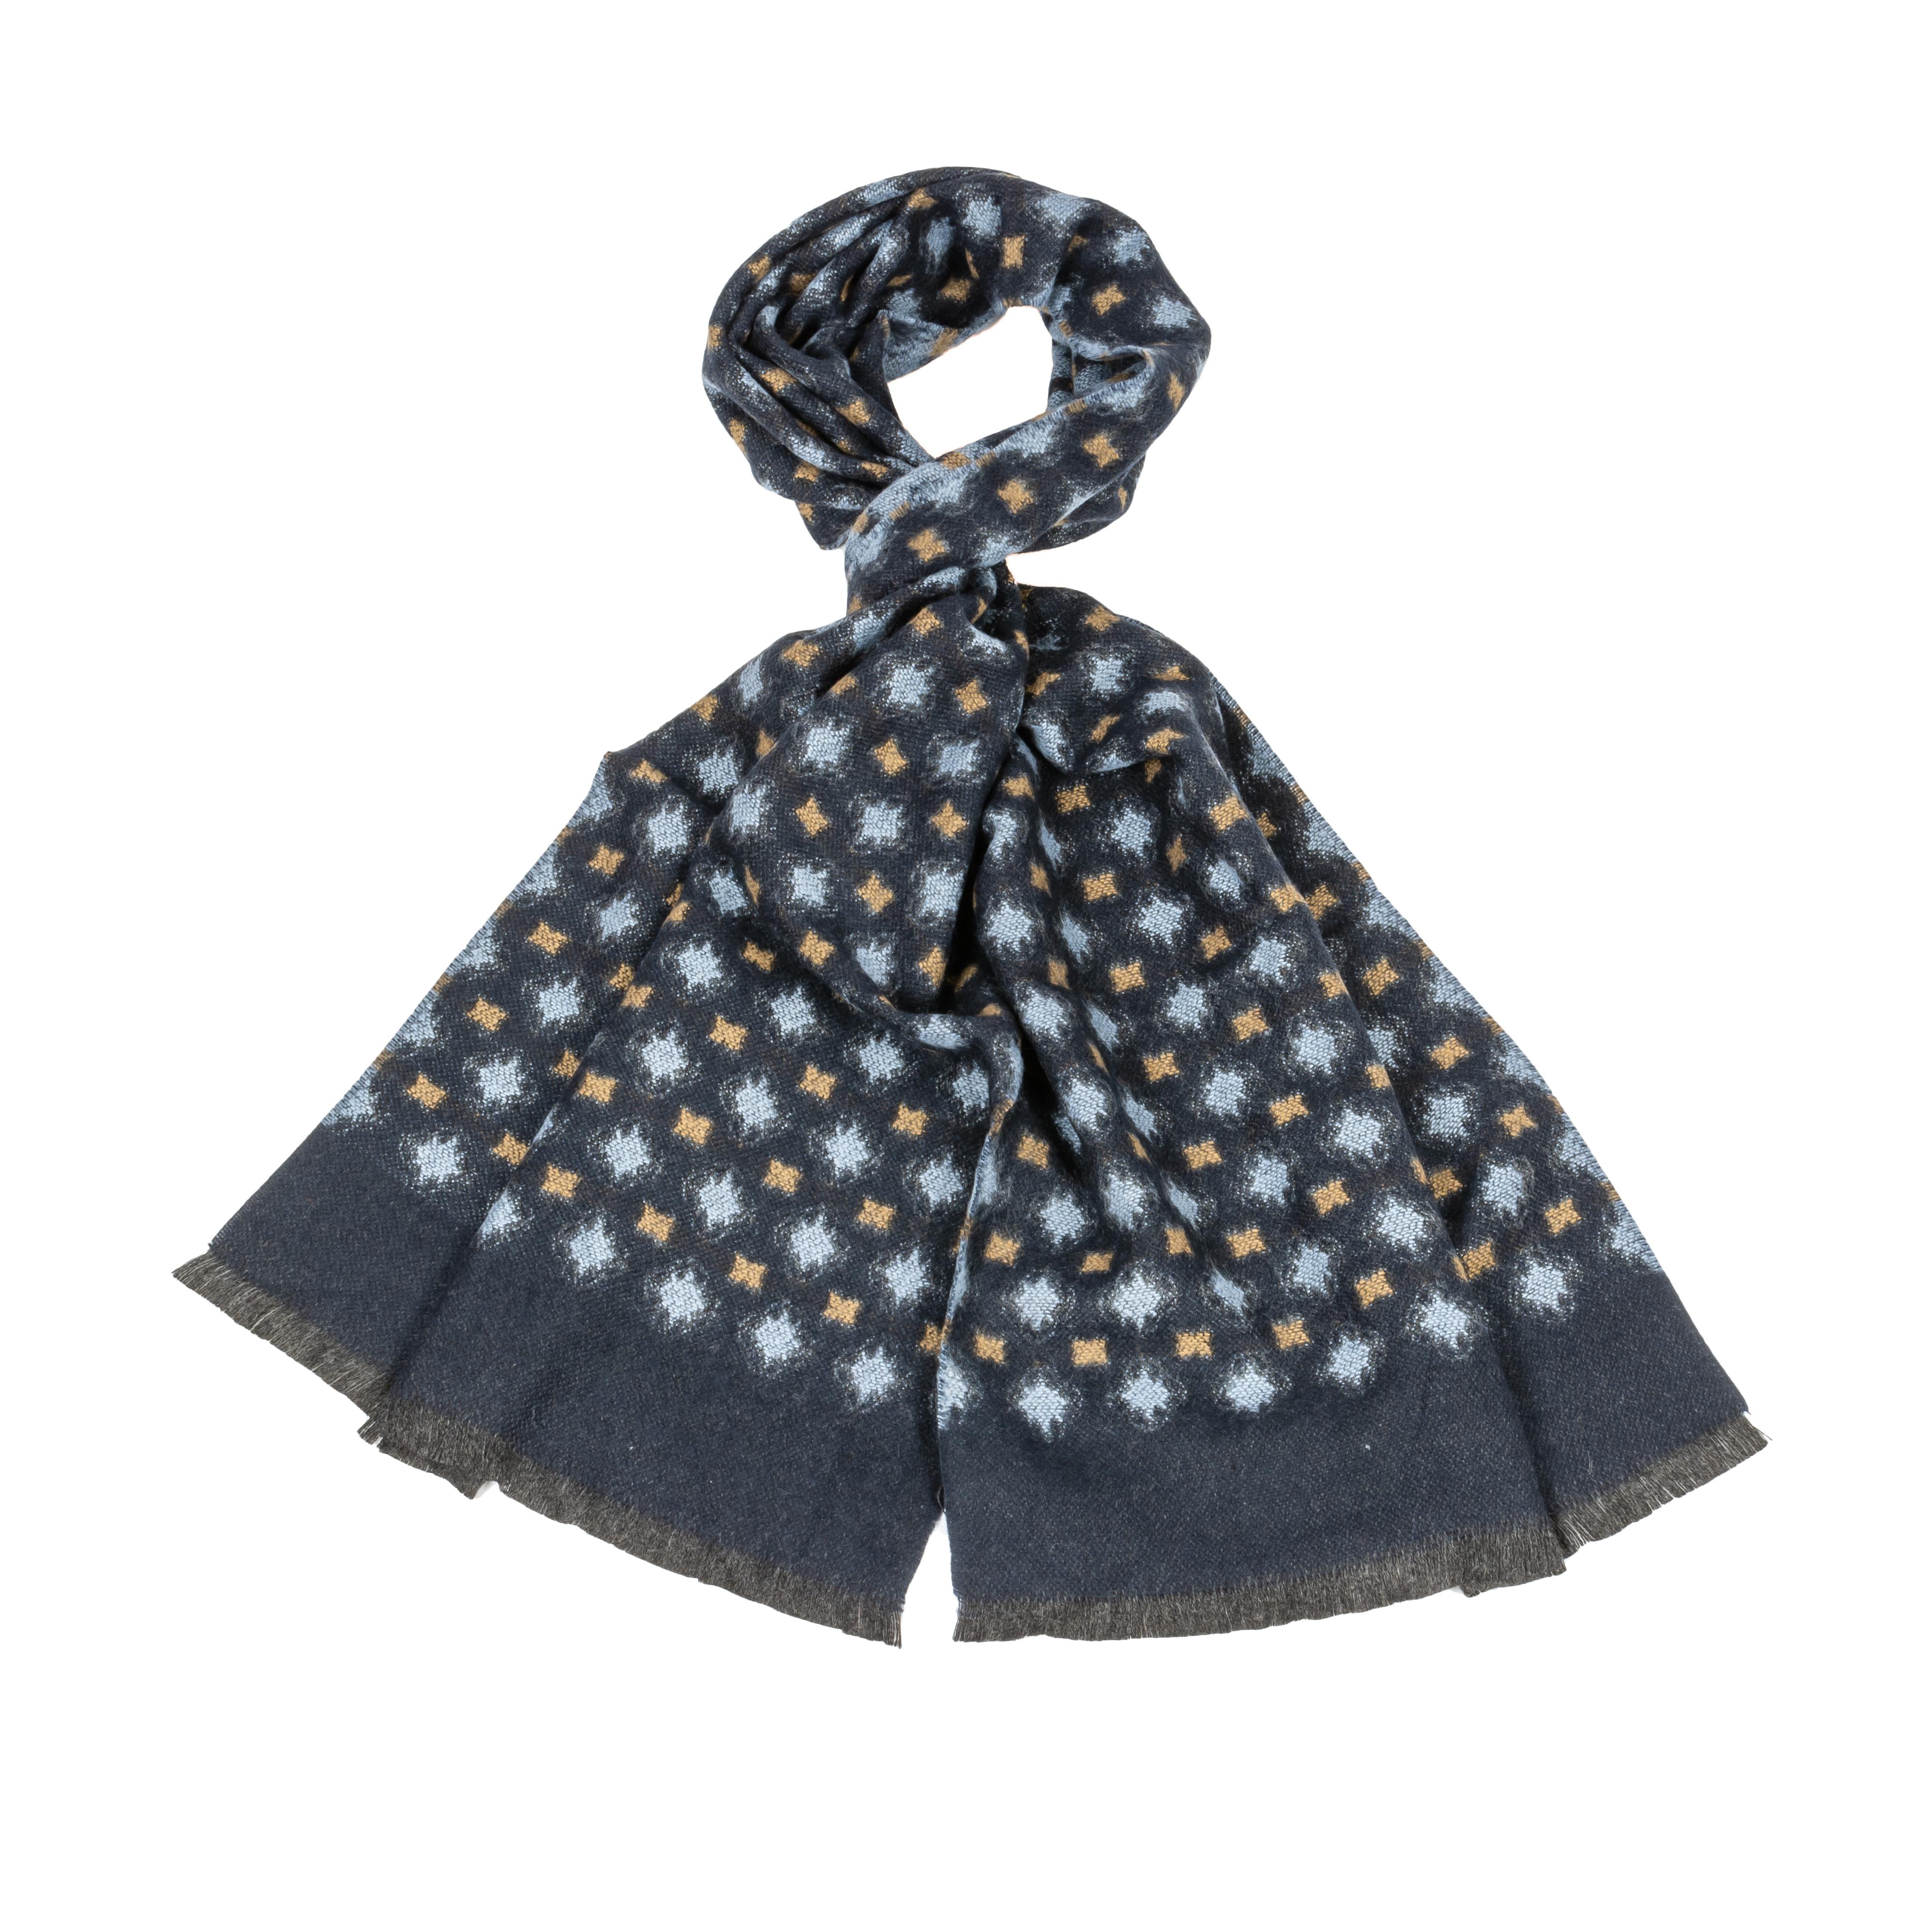 Echarpe  en laine mélangé bleu marine à imprimés bleus et marron